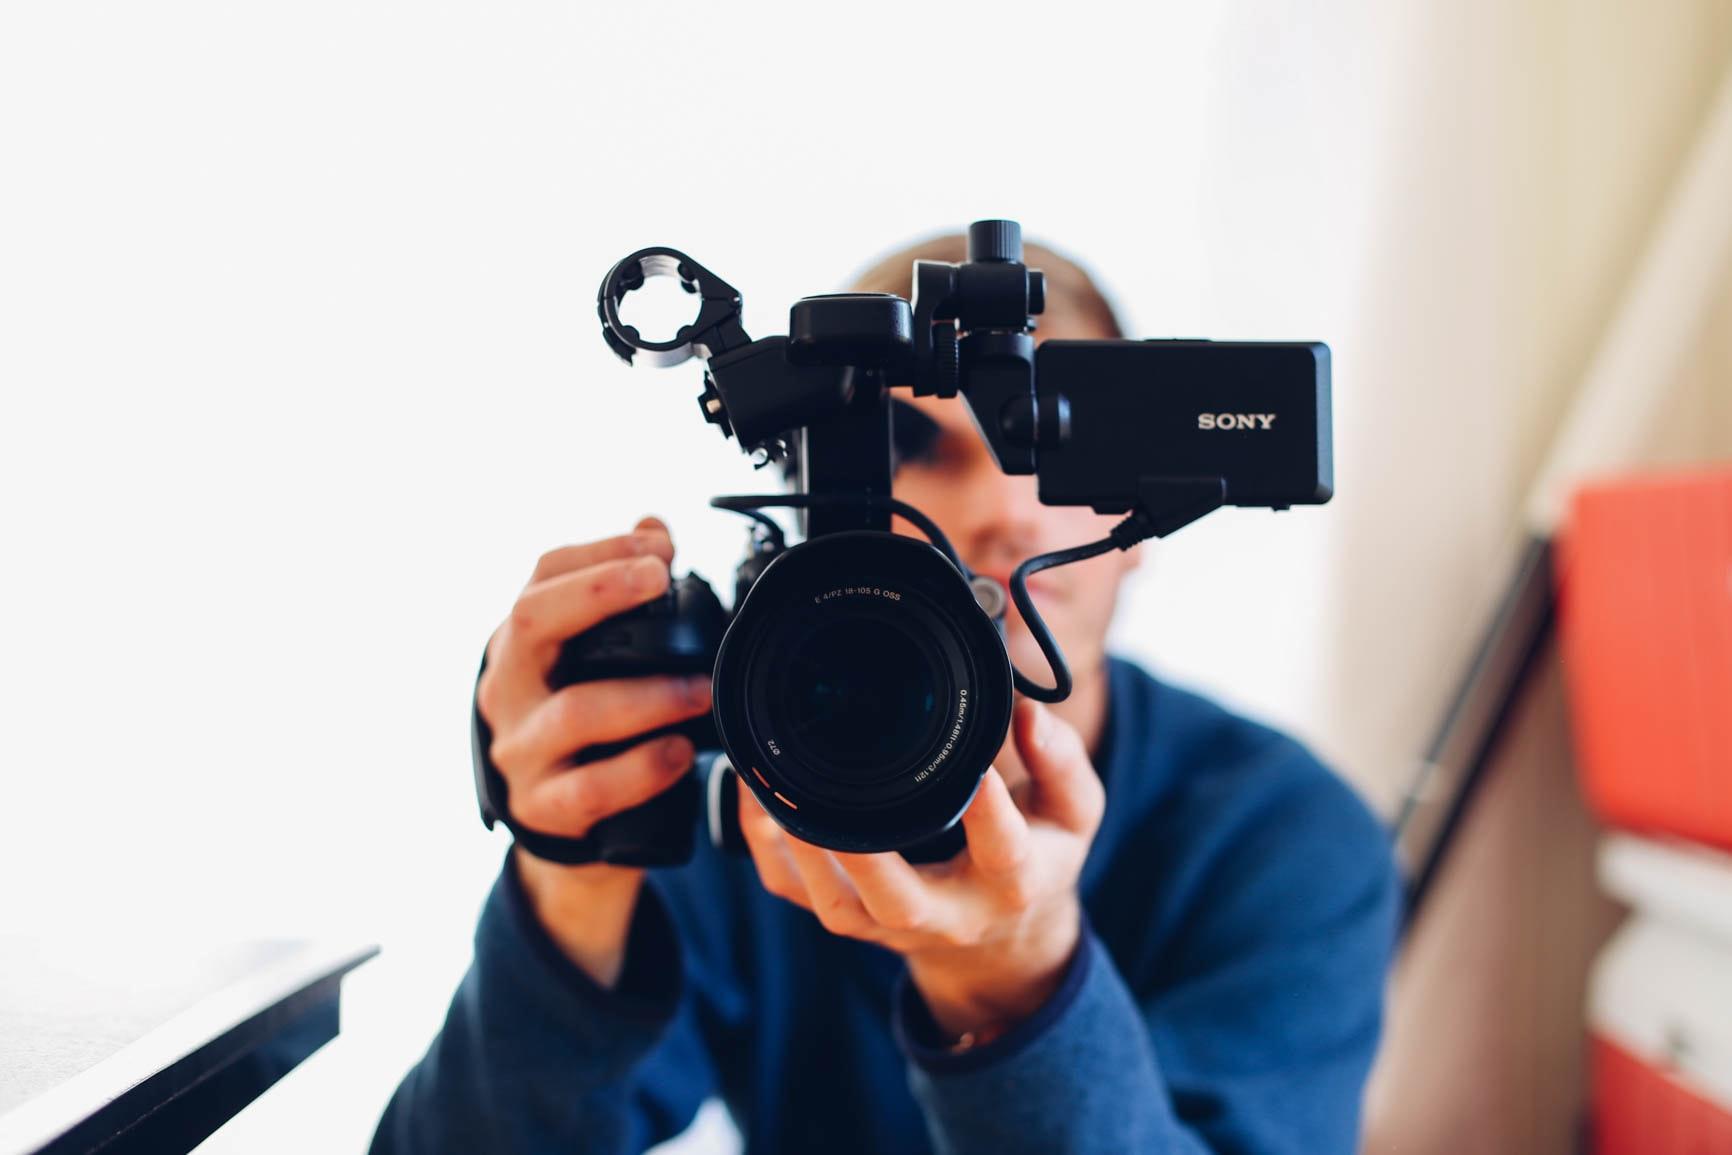 | 動画・映像編集をフリーランスのクリエイターに依頼するには?おすすめの依頼方法も紹介